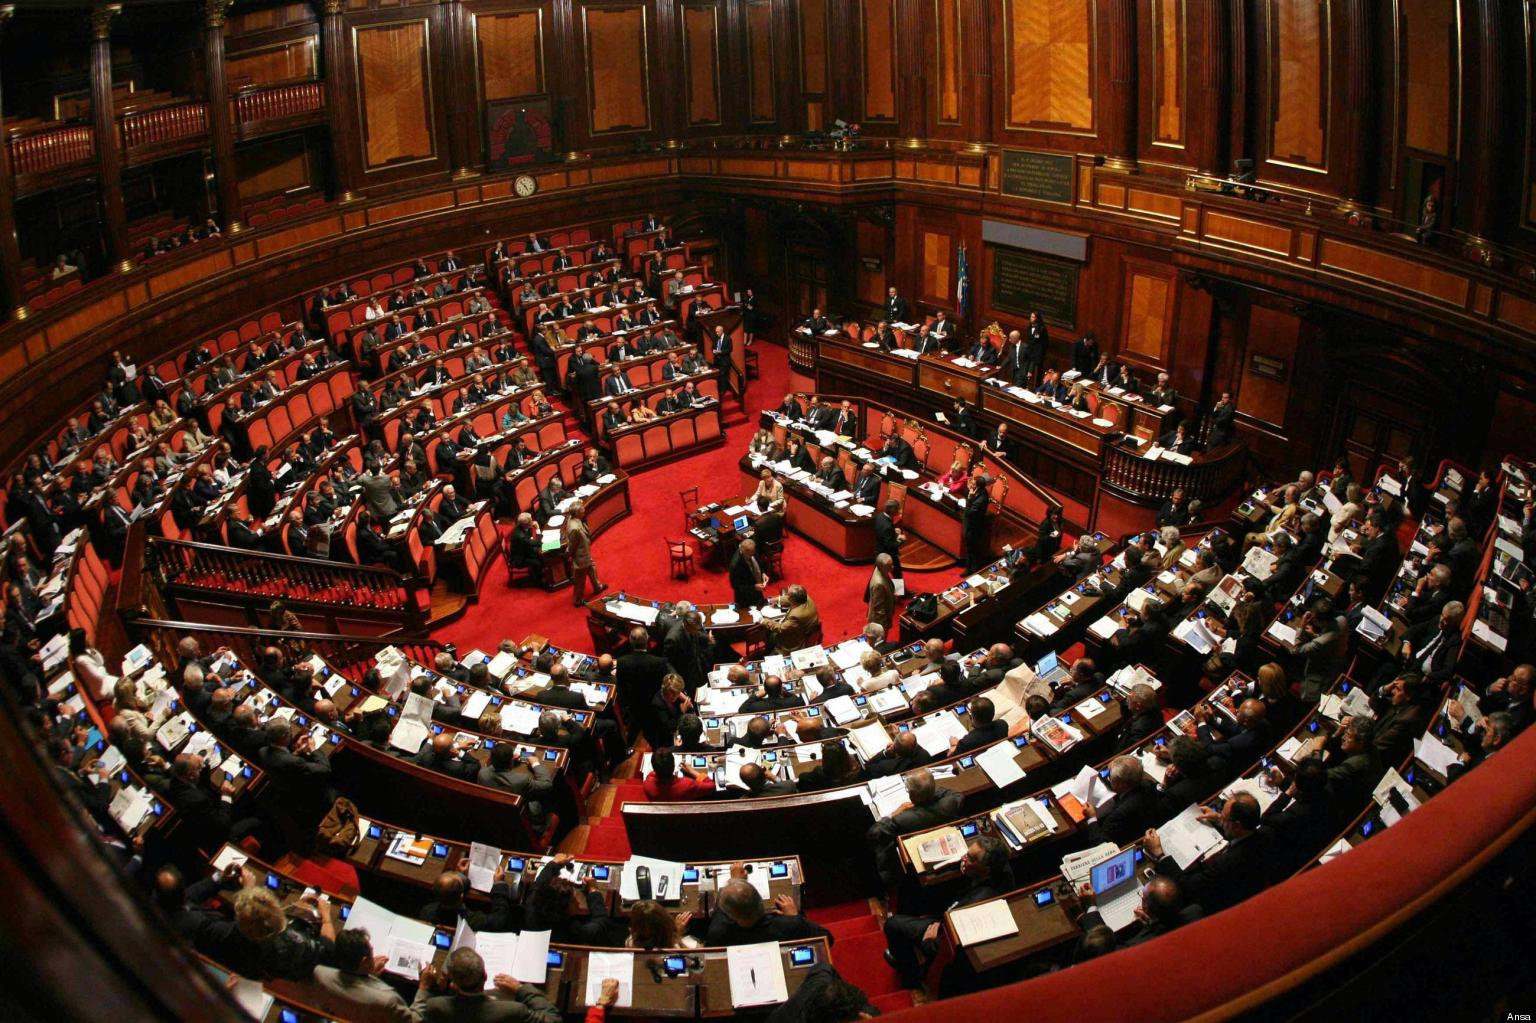 Costi dei parlamentari la verit e le menzogne della for Camera dei deputati tv